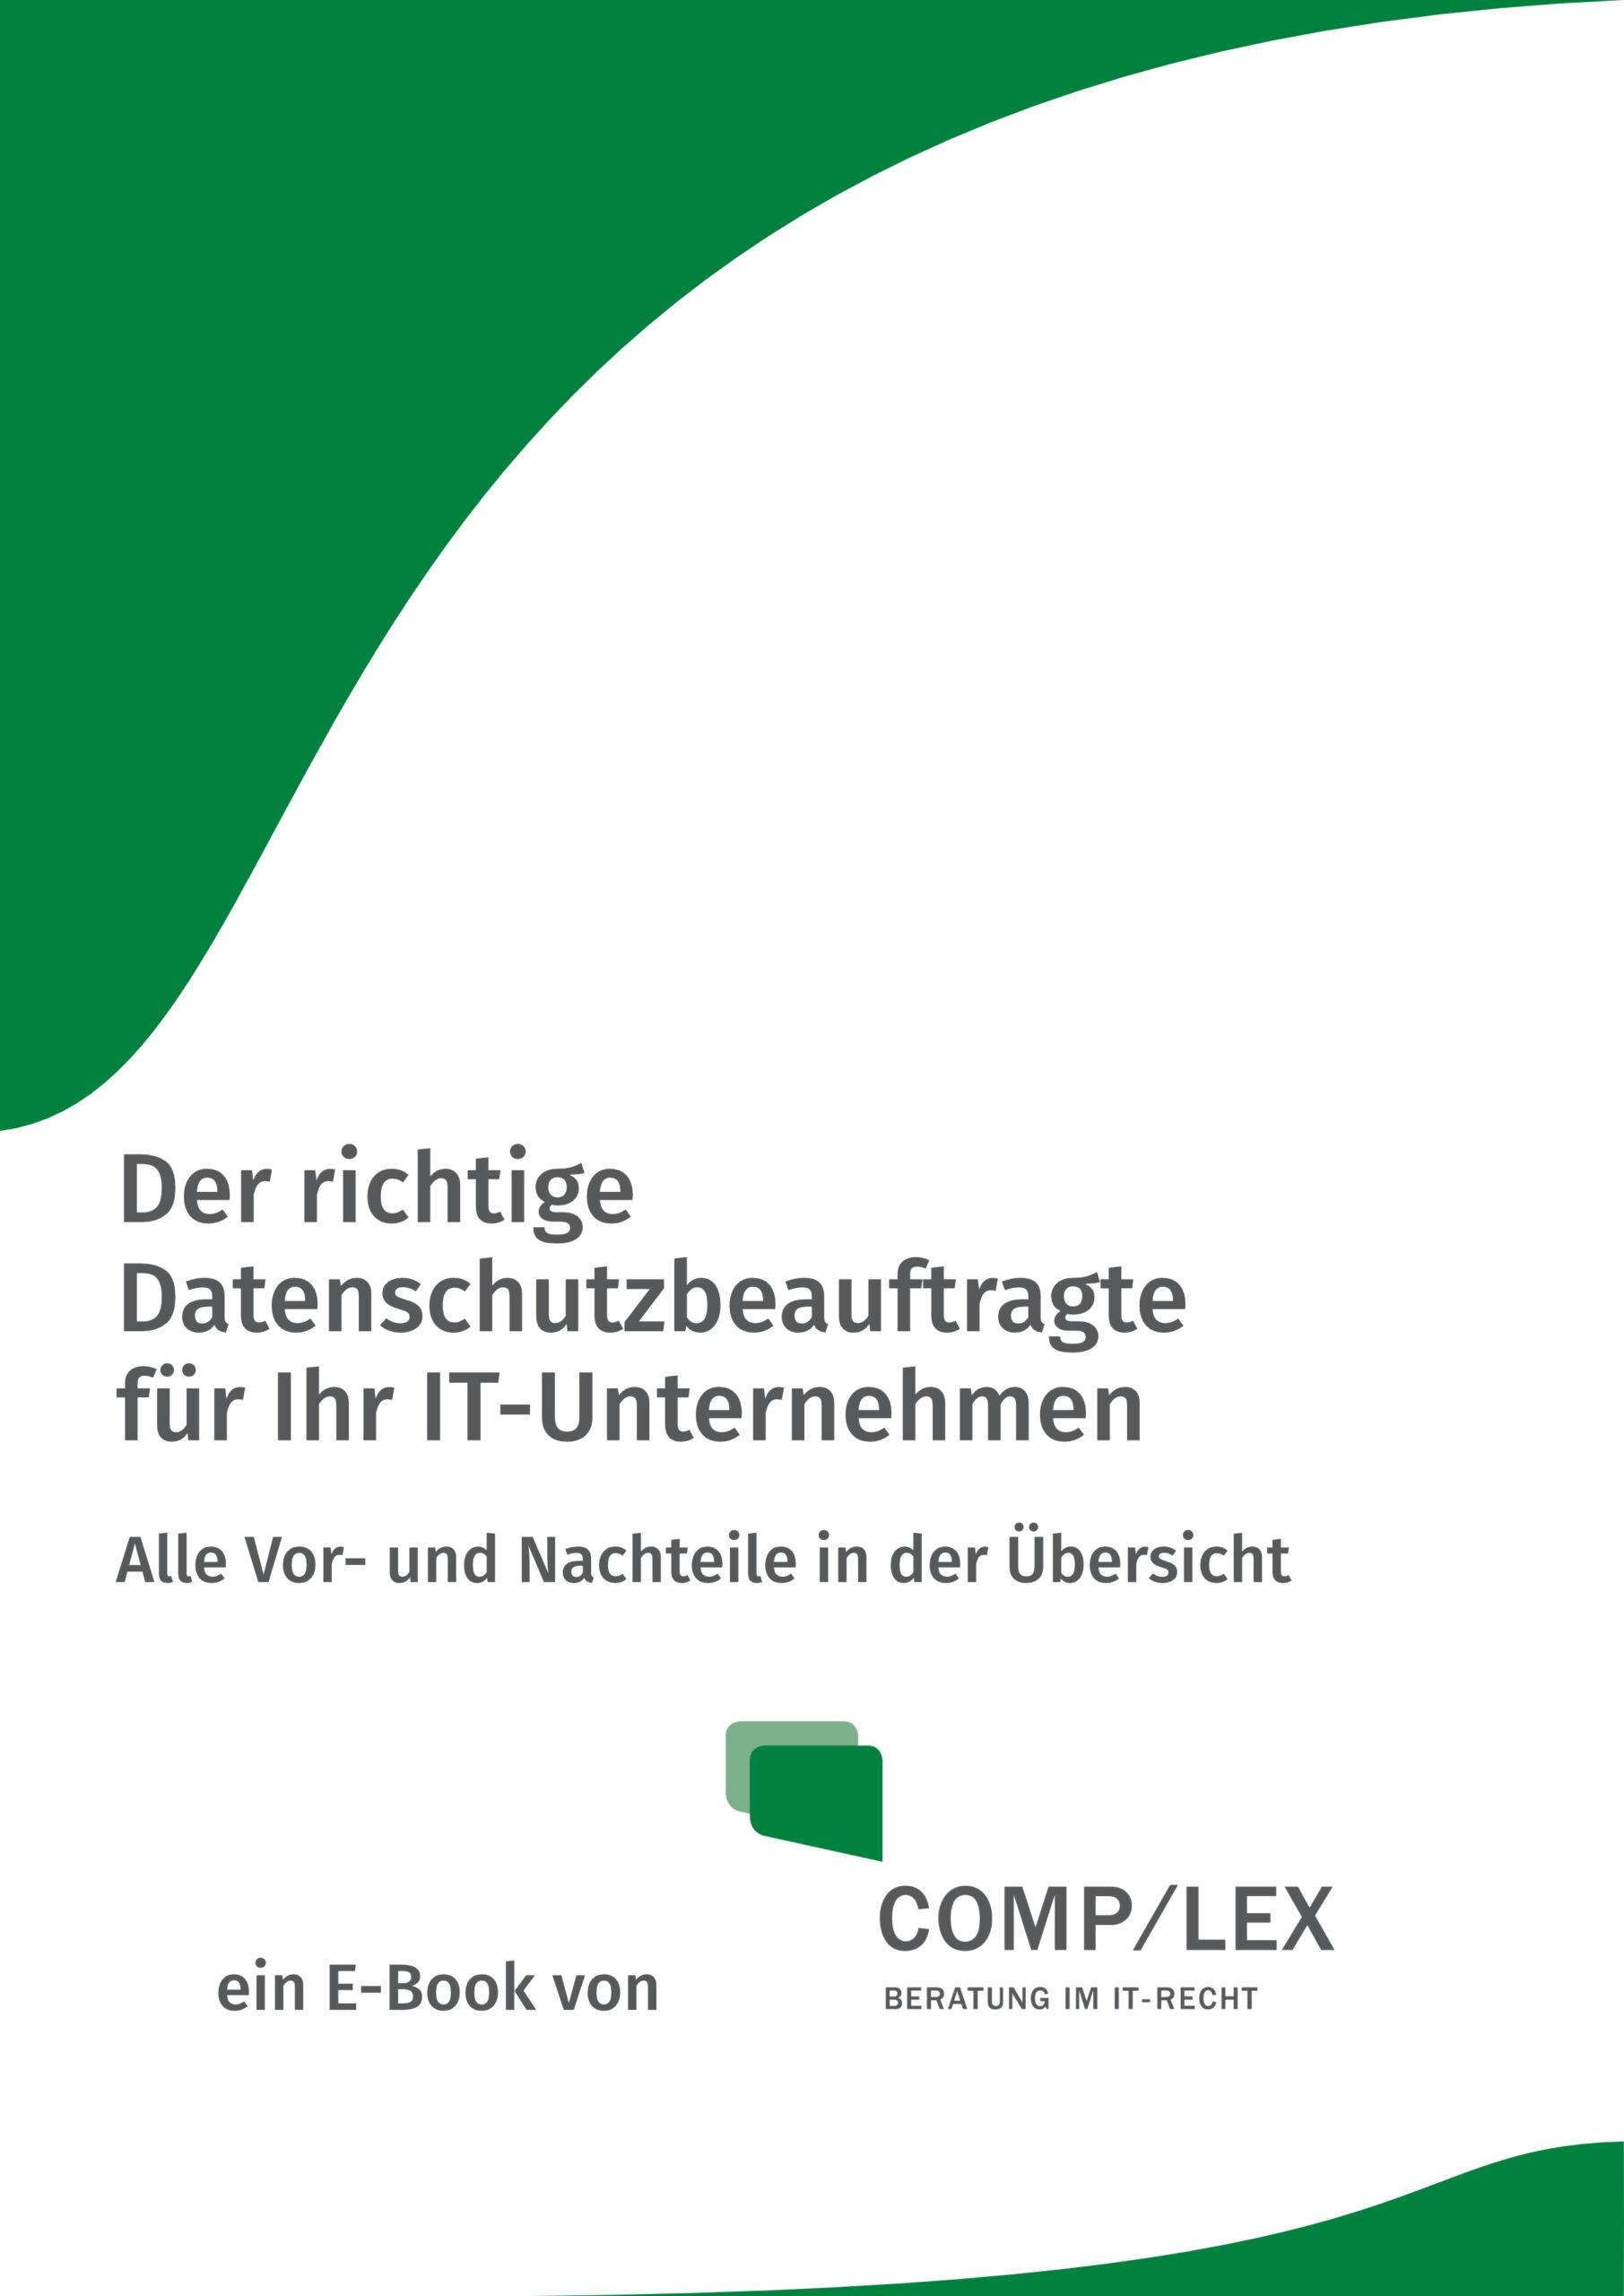 E-Book: Der richtige Datenschutzbeauftragte